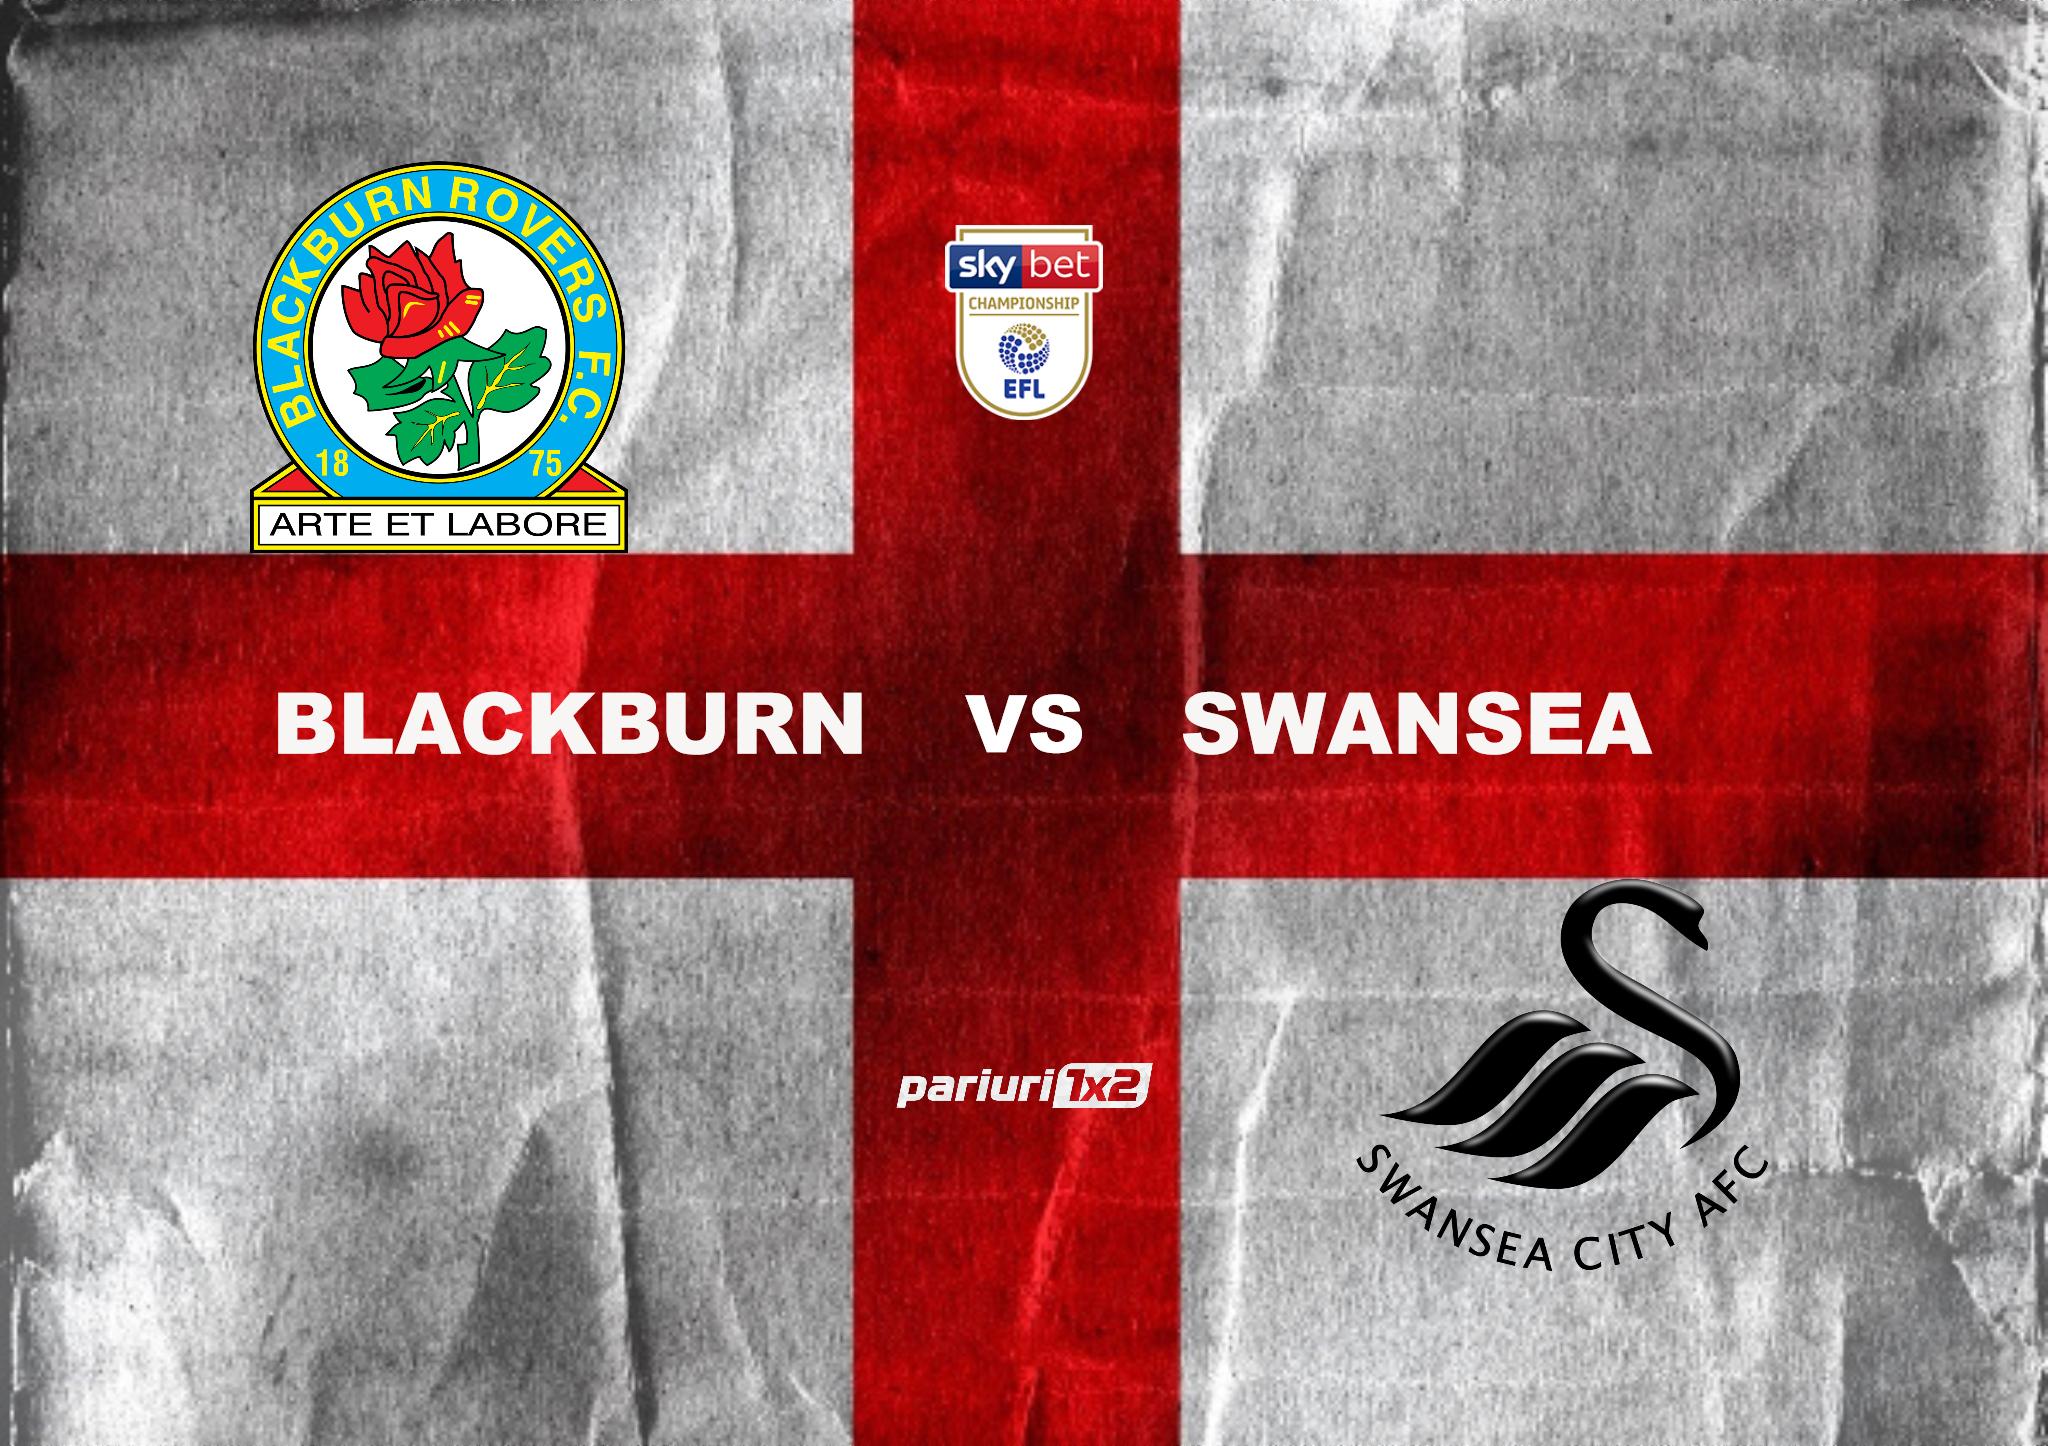 """Pariuri fotbal: Blackburn – Swansea: Cote în scădere pentru succesul """"lebedelor"""" »» Ponturi în cote 1.44 și 1.91!"""